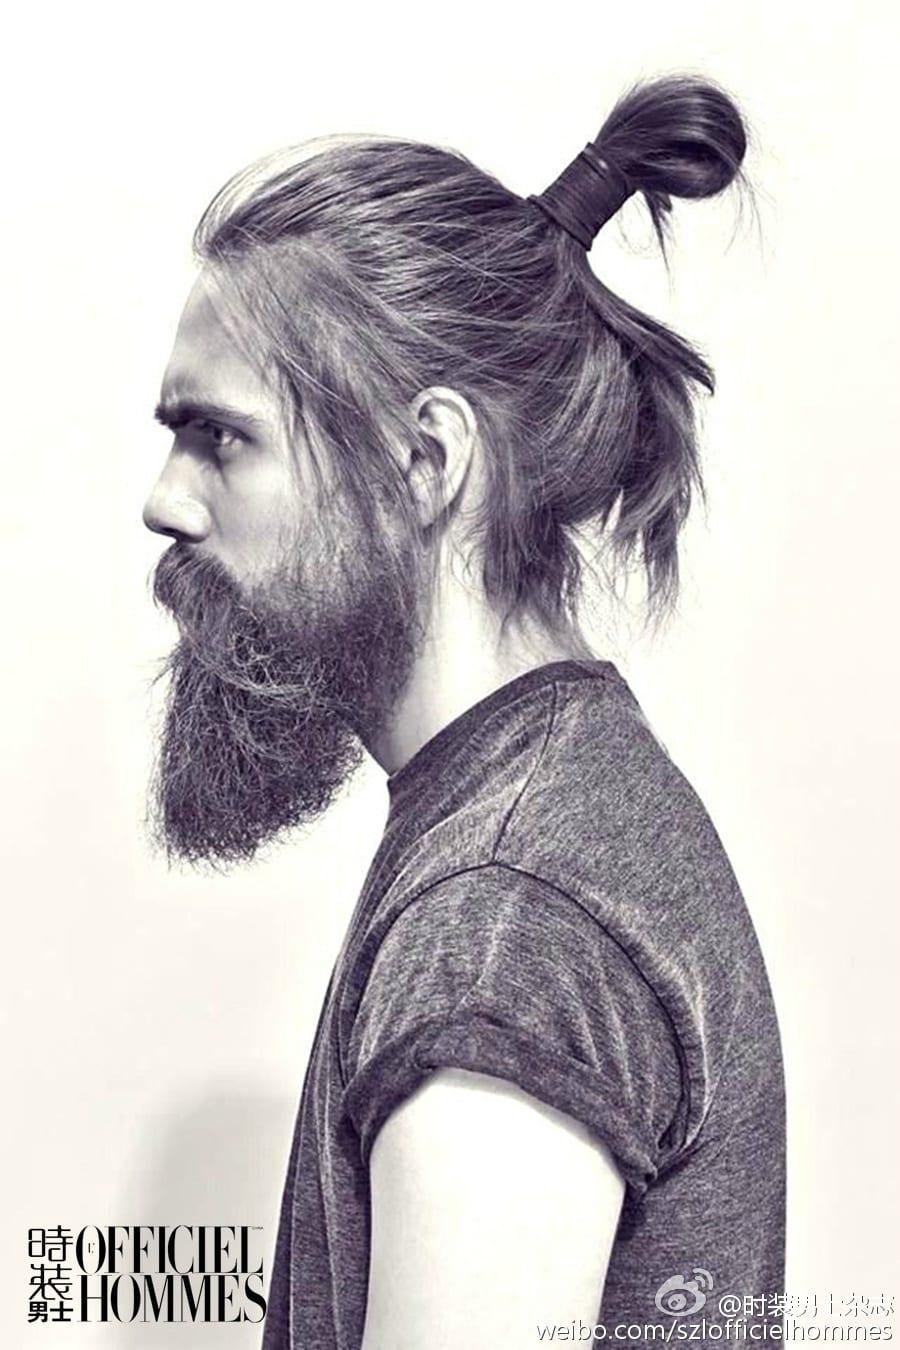 straigth hair